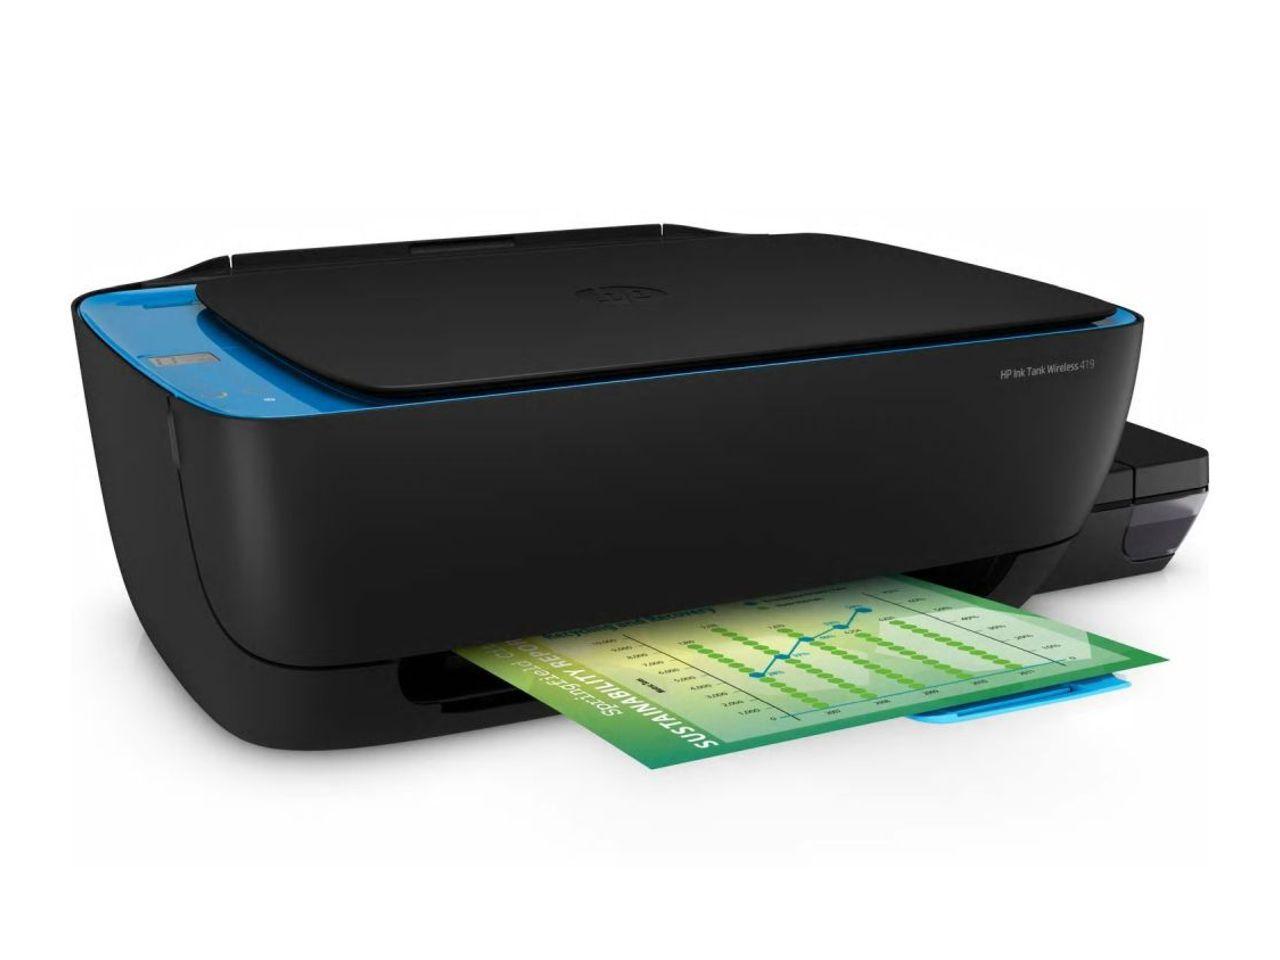 HP Ink Tank Wireless 419 (Z6Z97A) + 100 Kč na dárky nebo další nákup | CHAT on-line podpora PO-PÁ 8-22.00!!